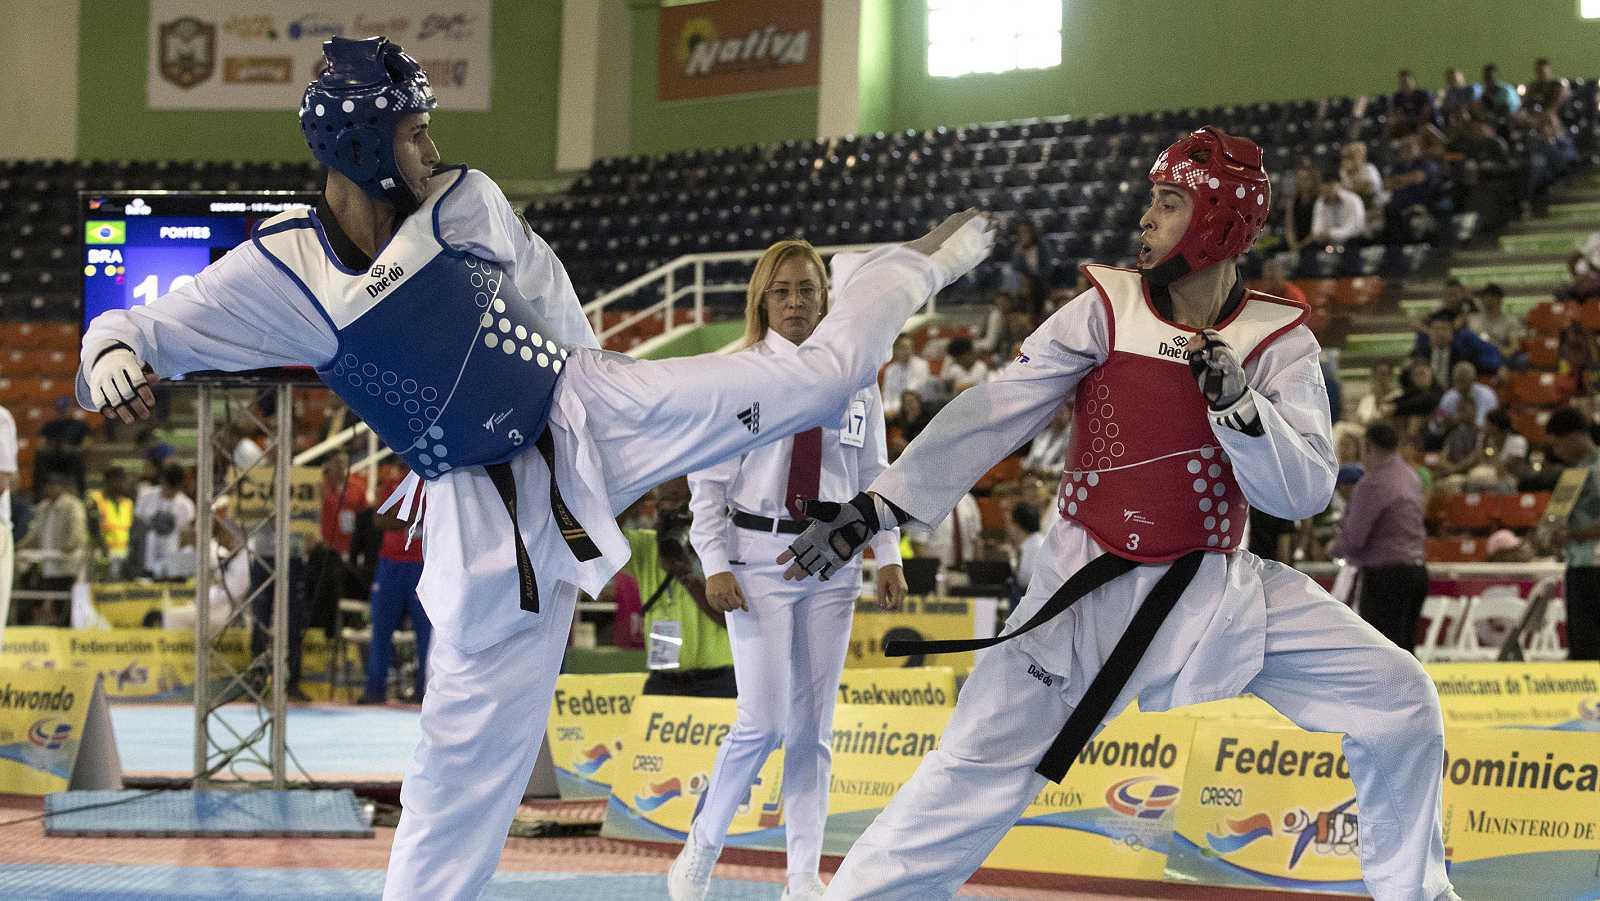 Taekwondo Tokyo 2020